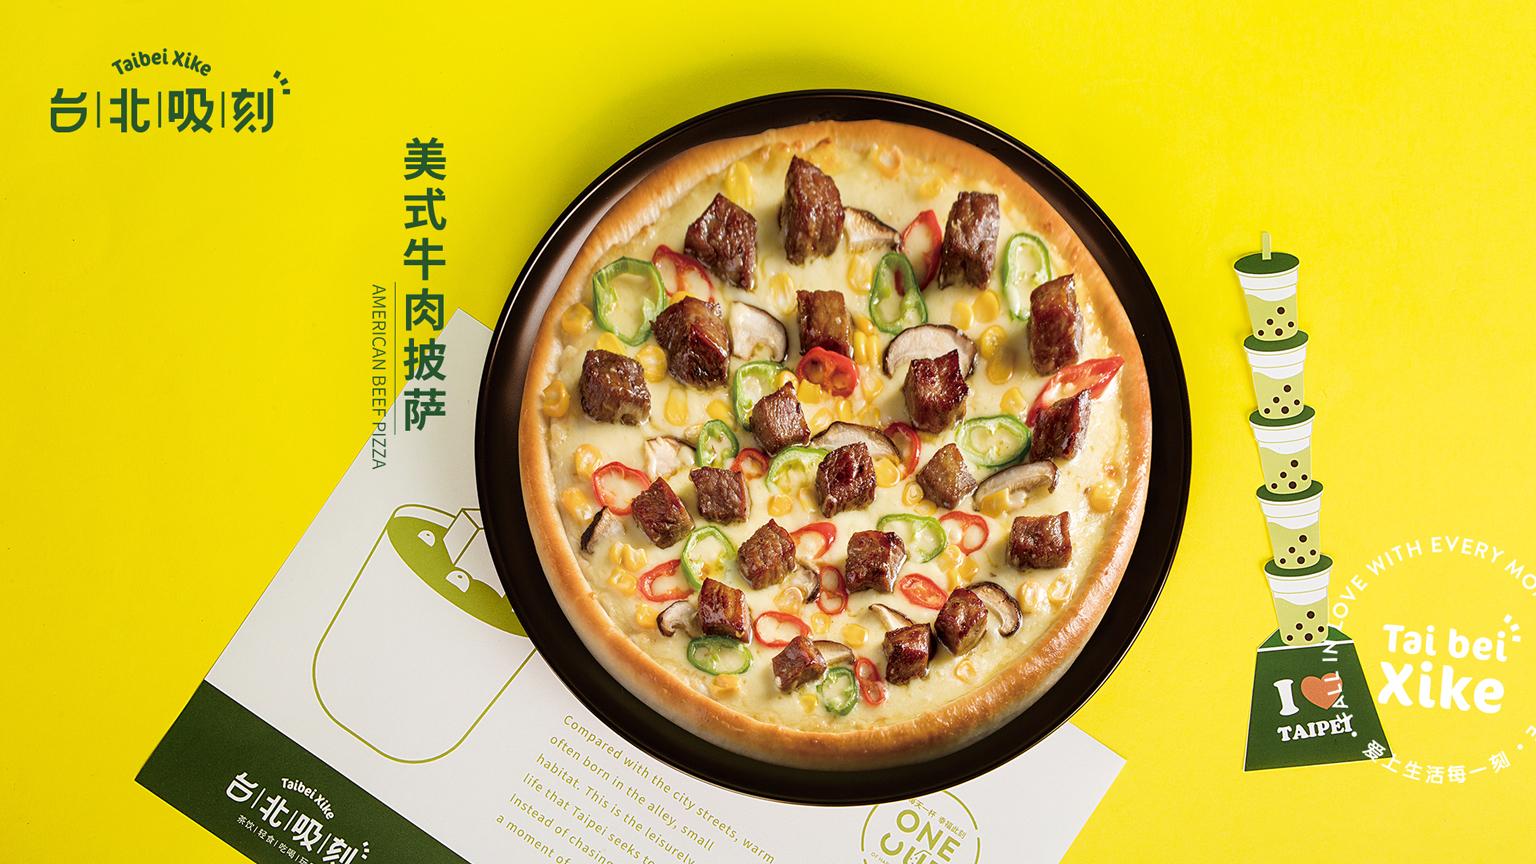 美式牛肉披萨